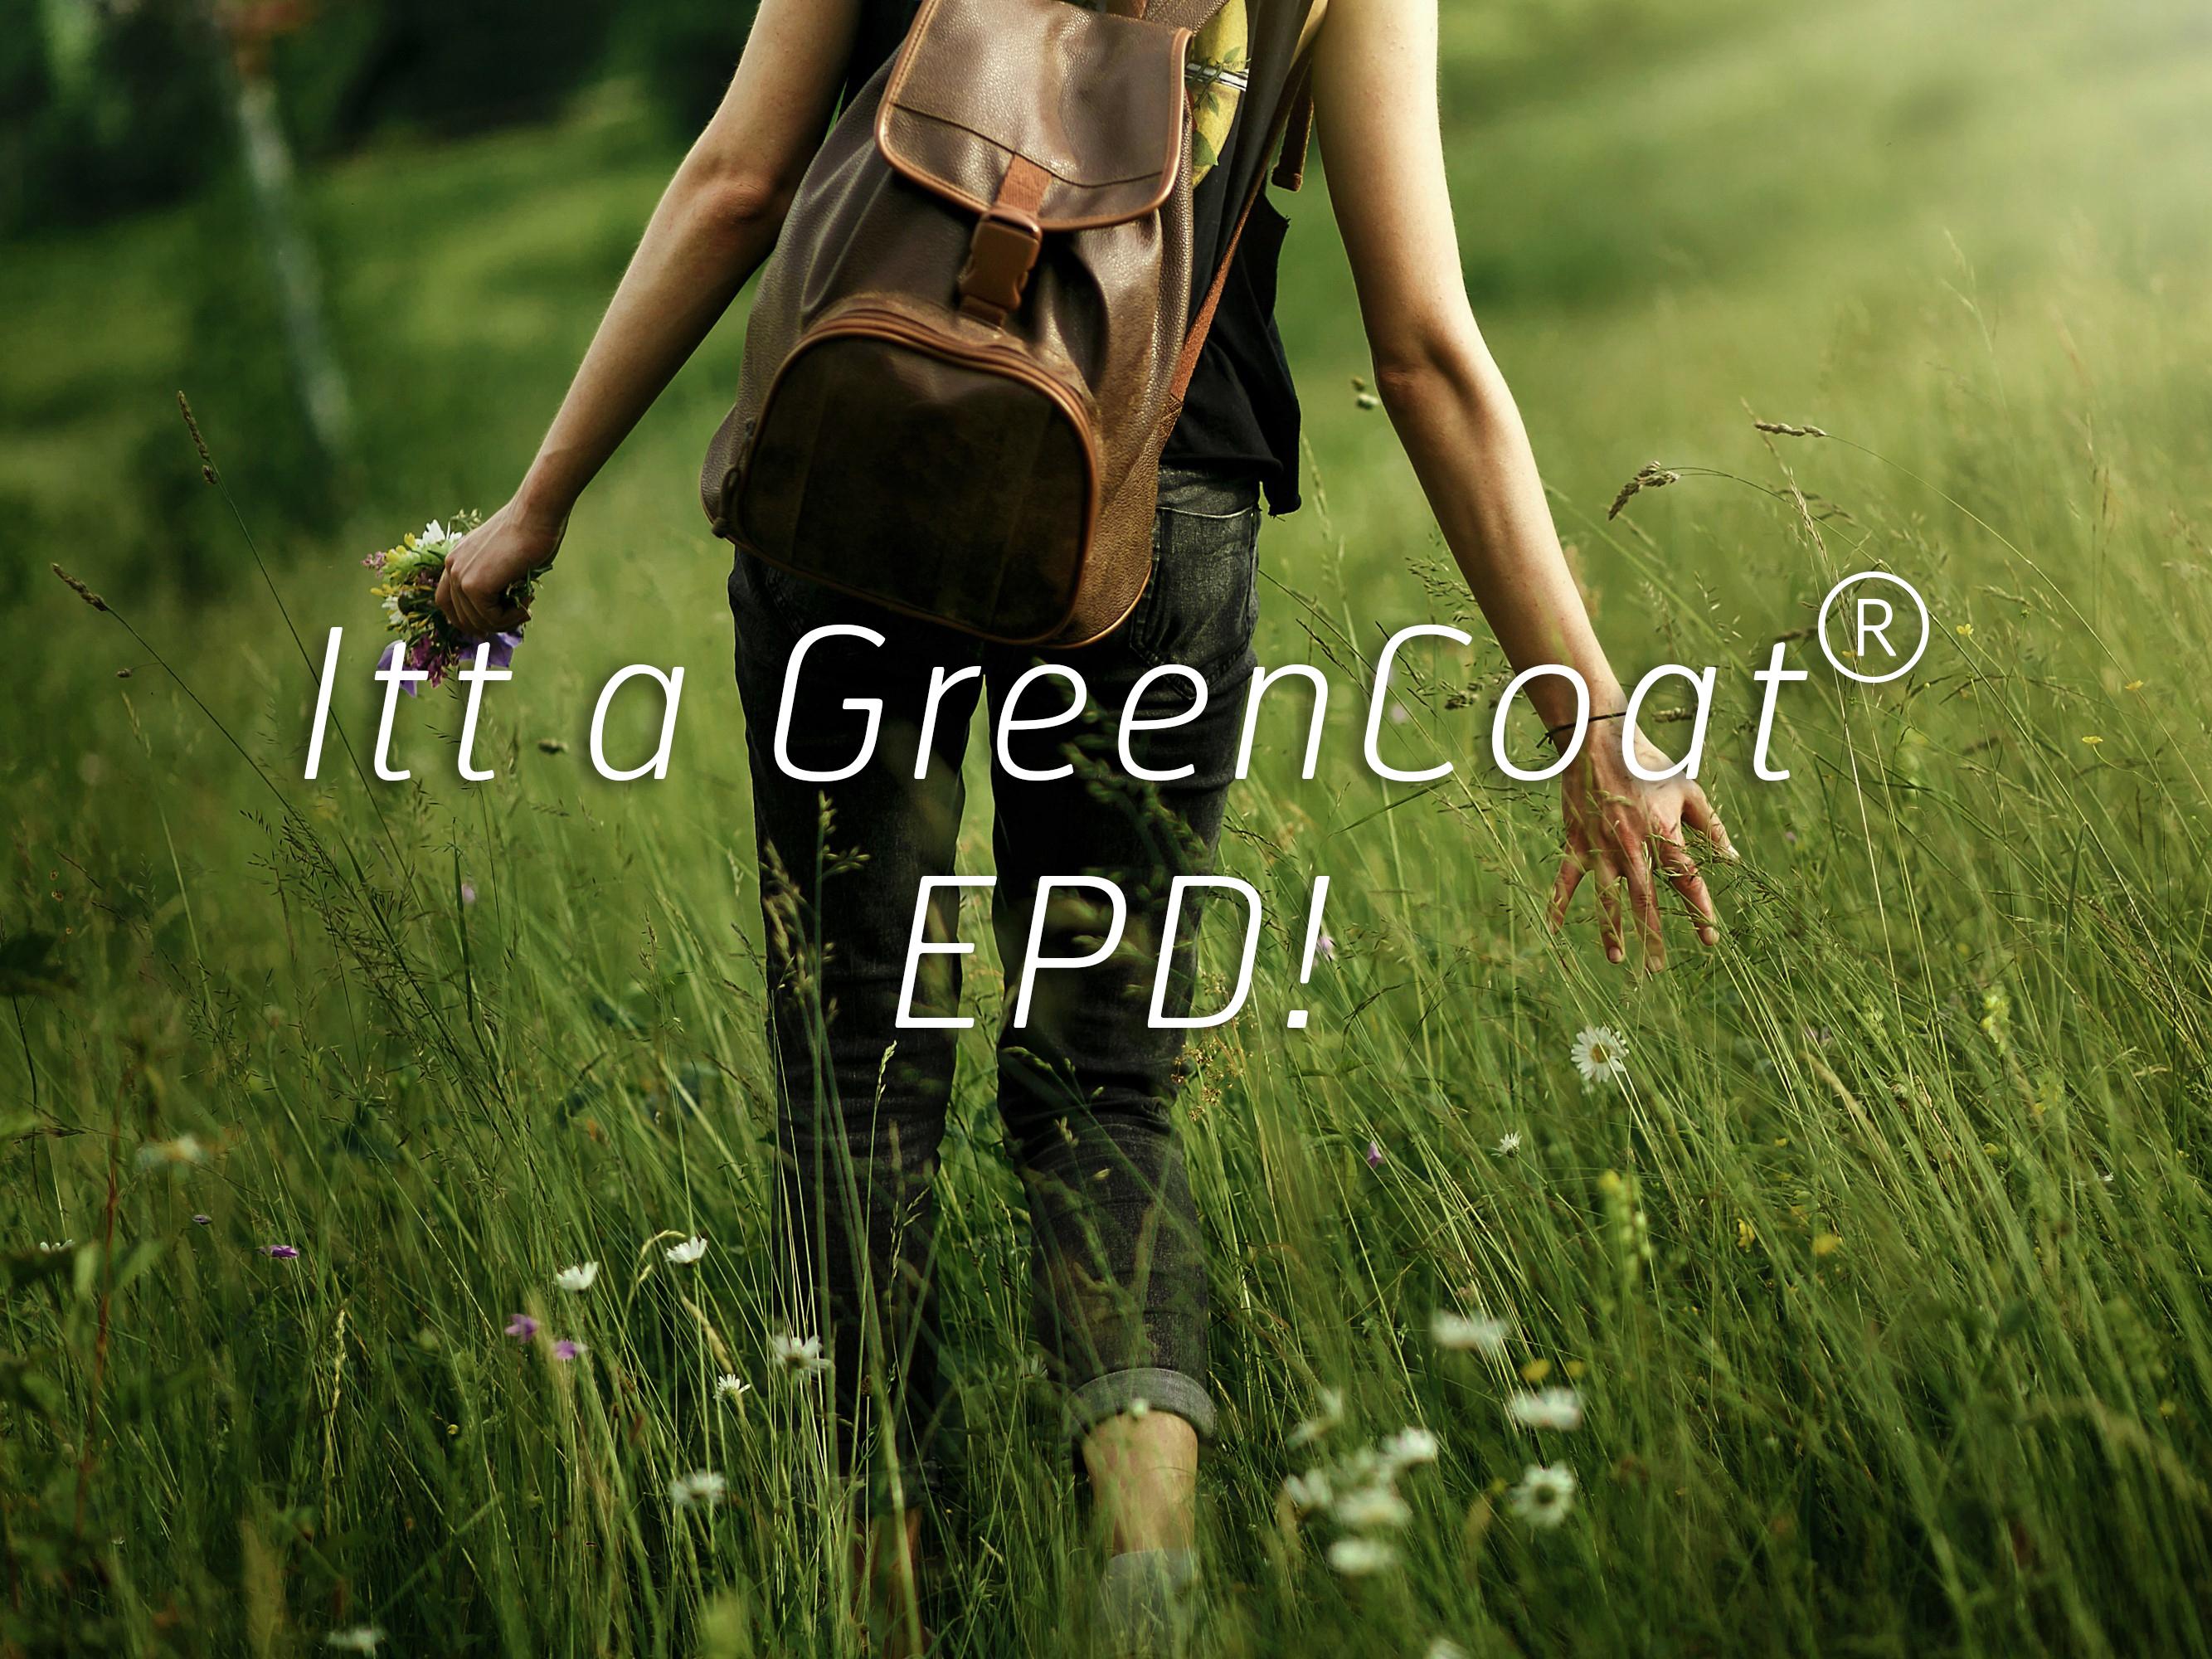 Fenntarthatósági környezetvédelmi terméknyilatkozat (EPD)